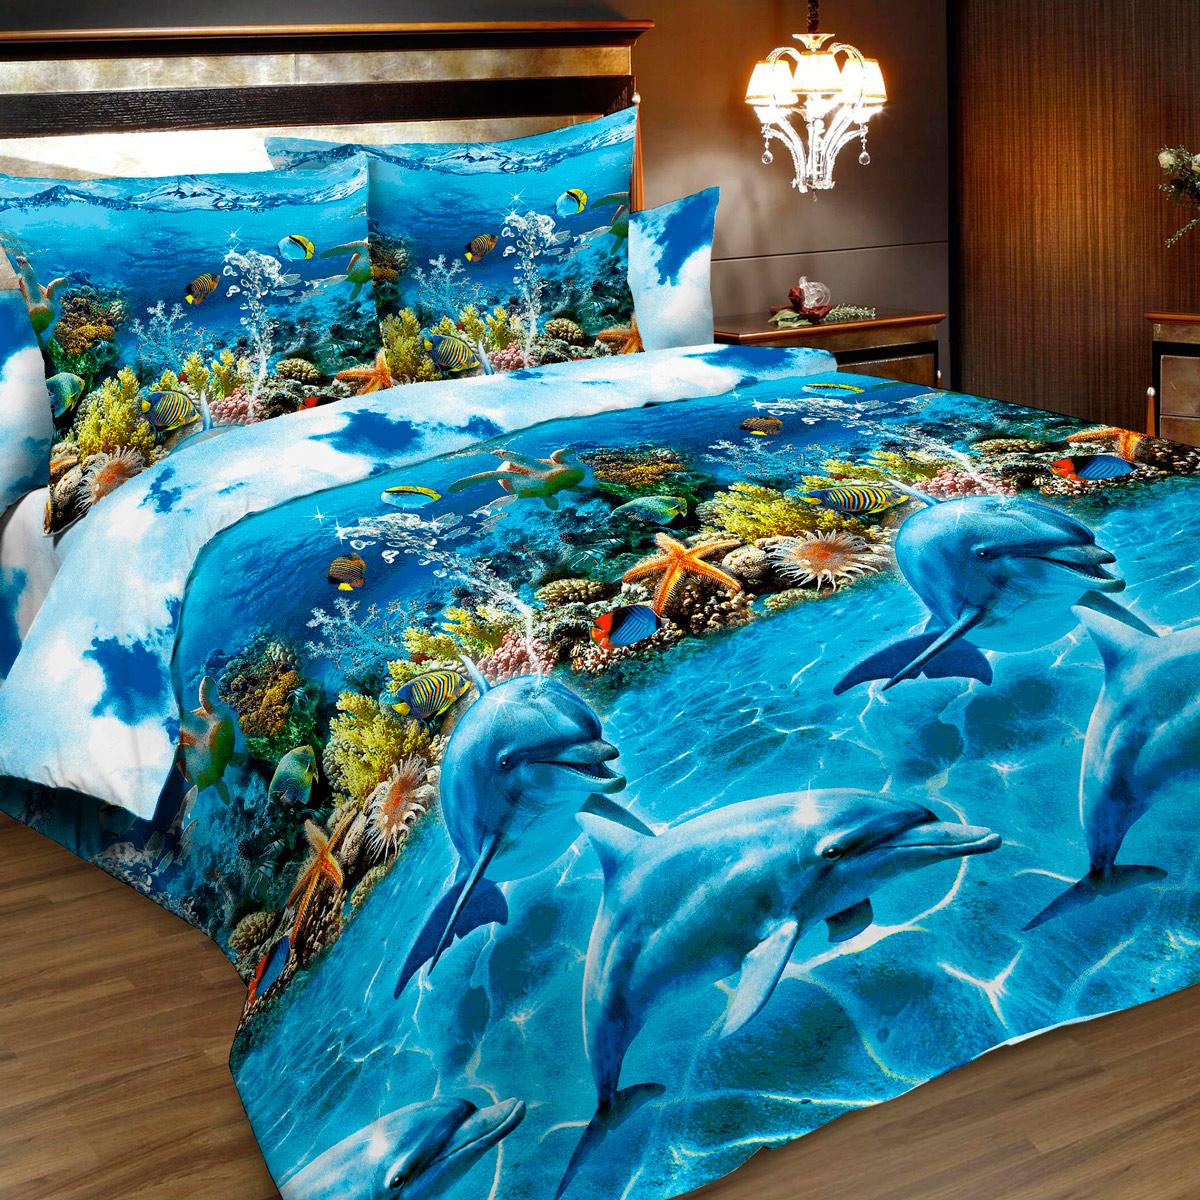 Комплект белья Letto, 1,5-спальный, наволочки 70х70. B183-3B183-3Комплект постельного белья Letto выполнен из классической российской бязи (хлопка). Комплект состоит из пододеяльника, простыни и двух наволочек. Постельное белье, оформленное 3D изображением морских обитателей, имеет изысканный внешний вид. Пододеяльник снабжен молнией. Благодаря такому комплекту постельного белья вы сможете создать атмосферу роскоши и романтики в вашей спальне. Уважаемые клиенты! Обращаем ваше внимание на тот факт, что расцветка наволочек может отличаться от представленной на фото.